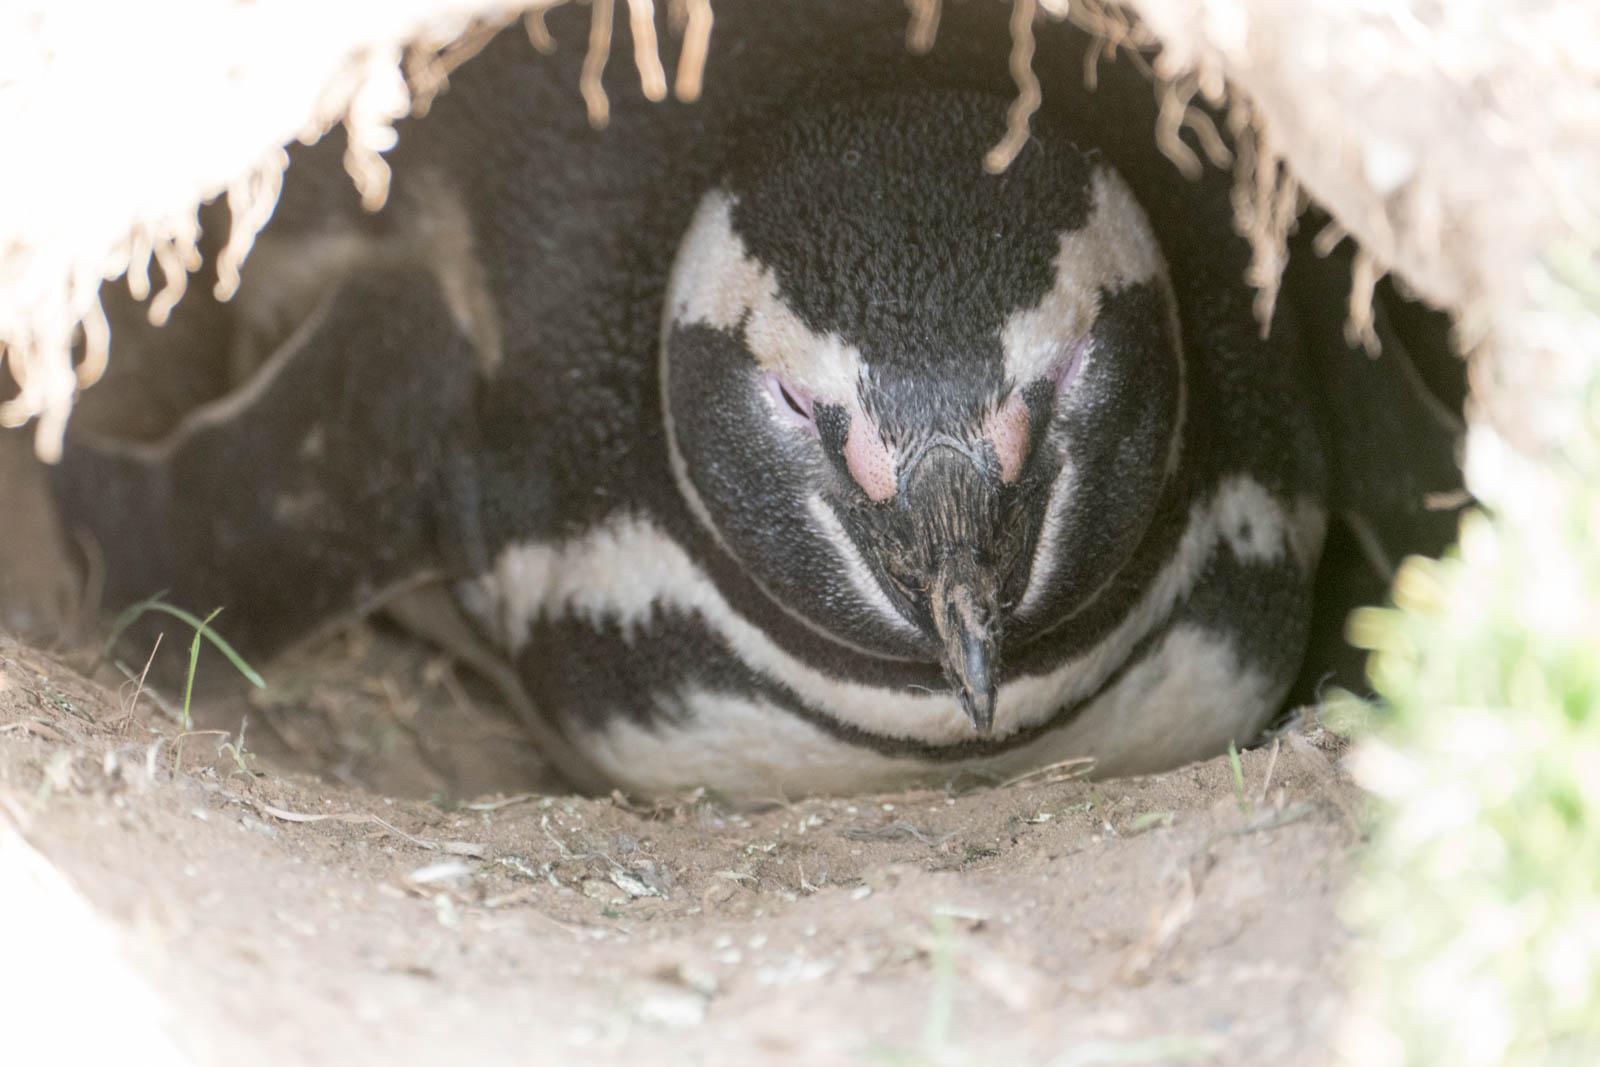 Penguin incubating an egg